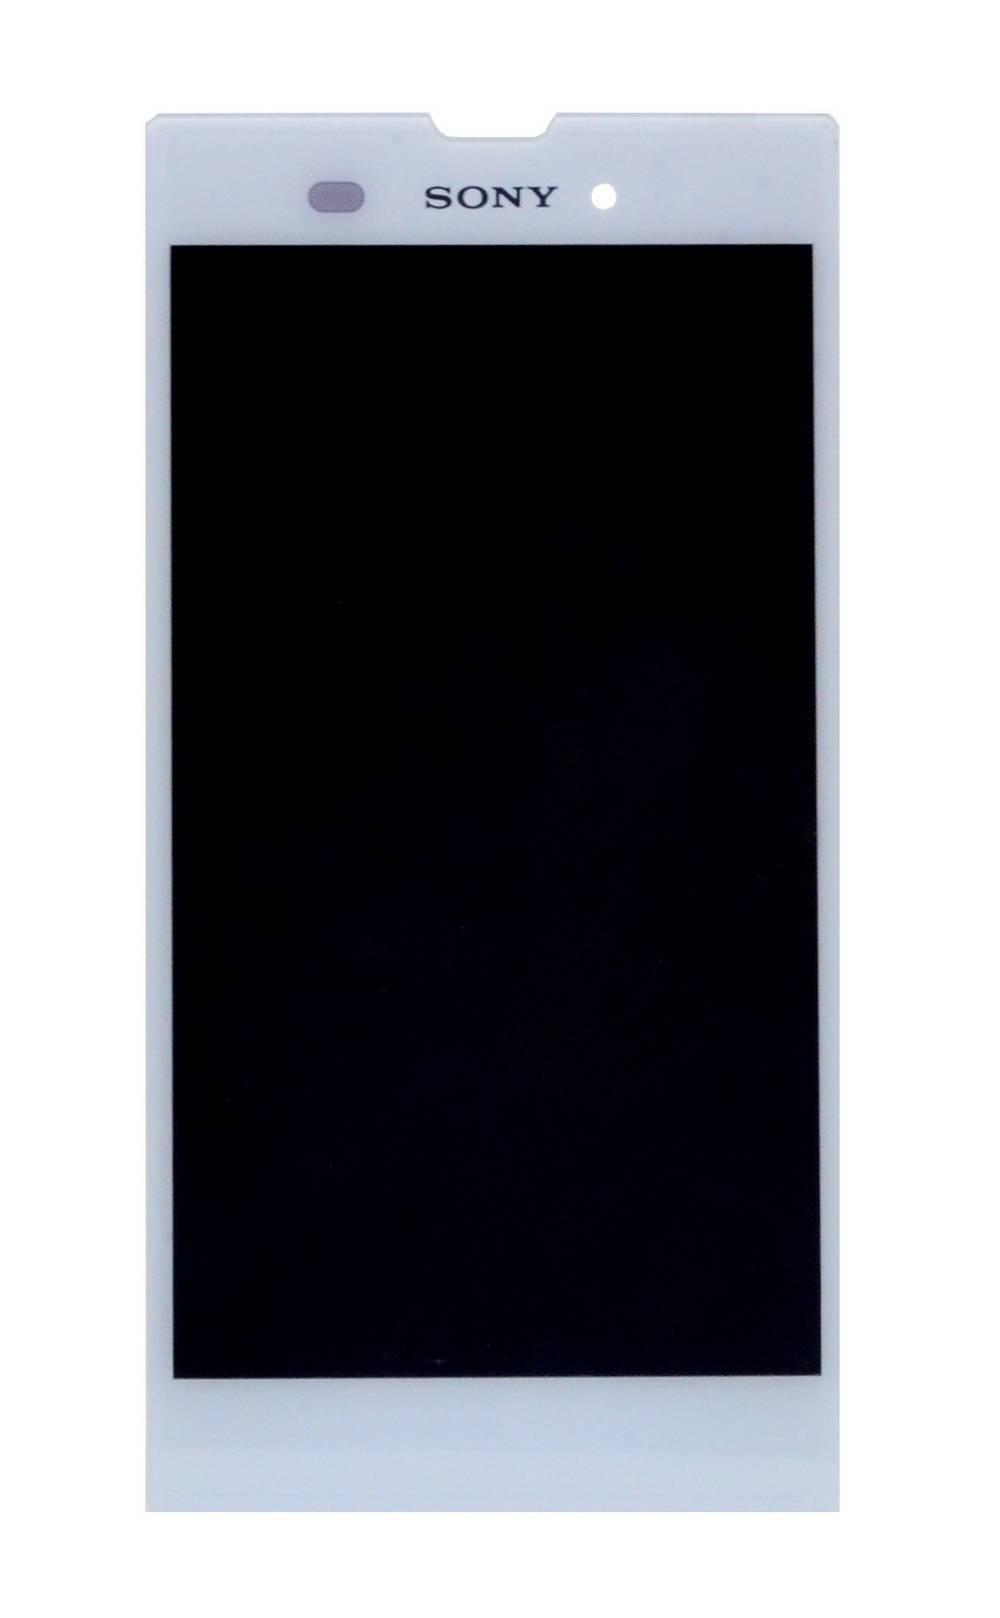 Γνήσια Οθόνη & Μηχανισμός Αφής Sony Xperia T3 D5103 Λευκή χωρίς Πλαίσιο, Κόλλα